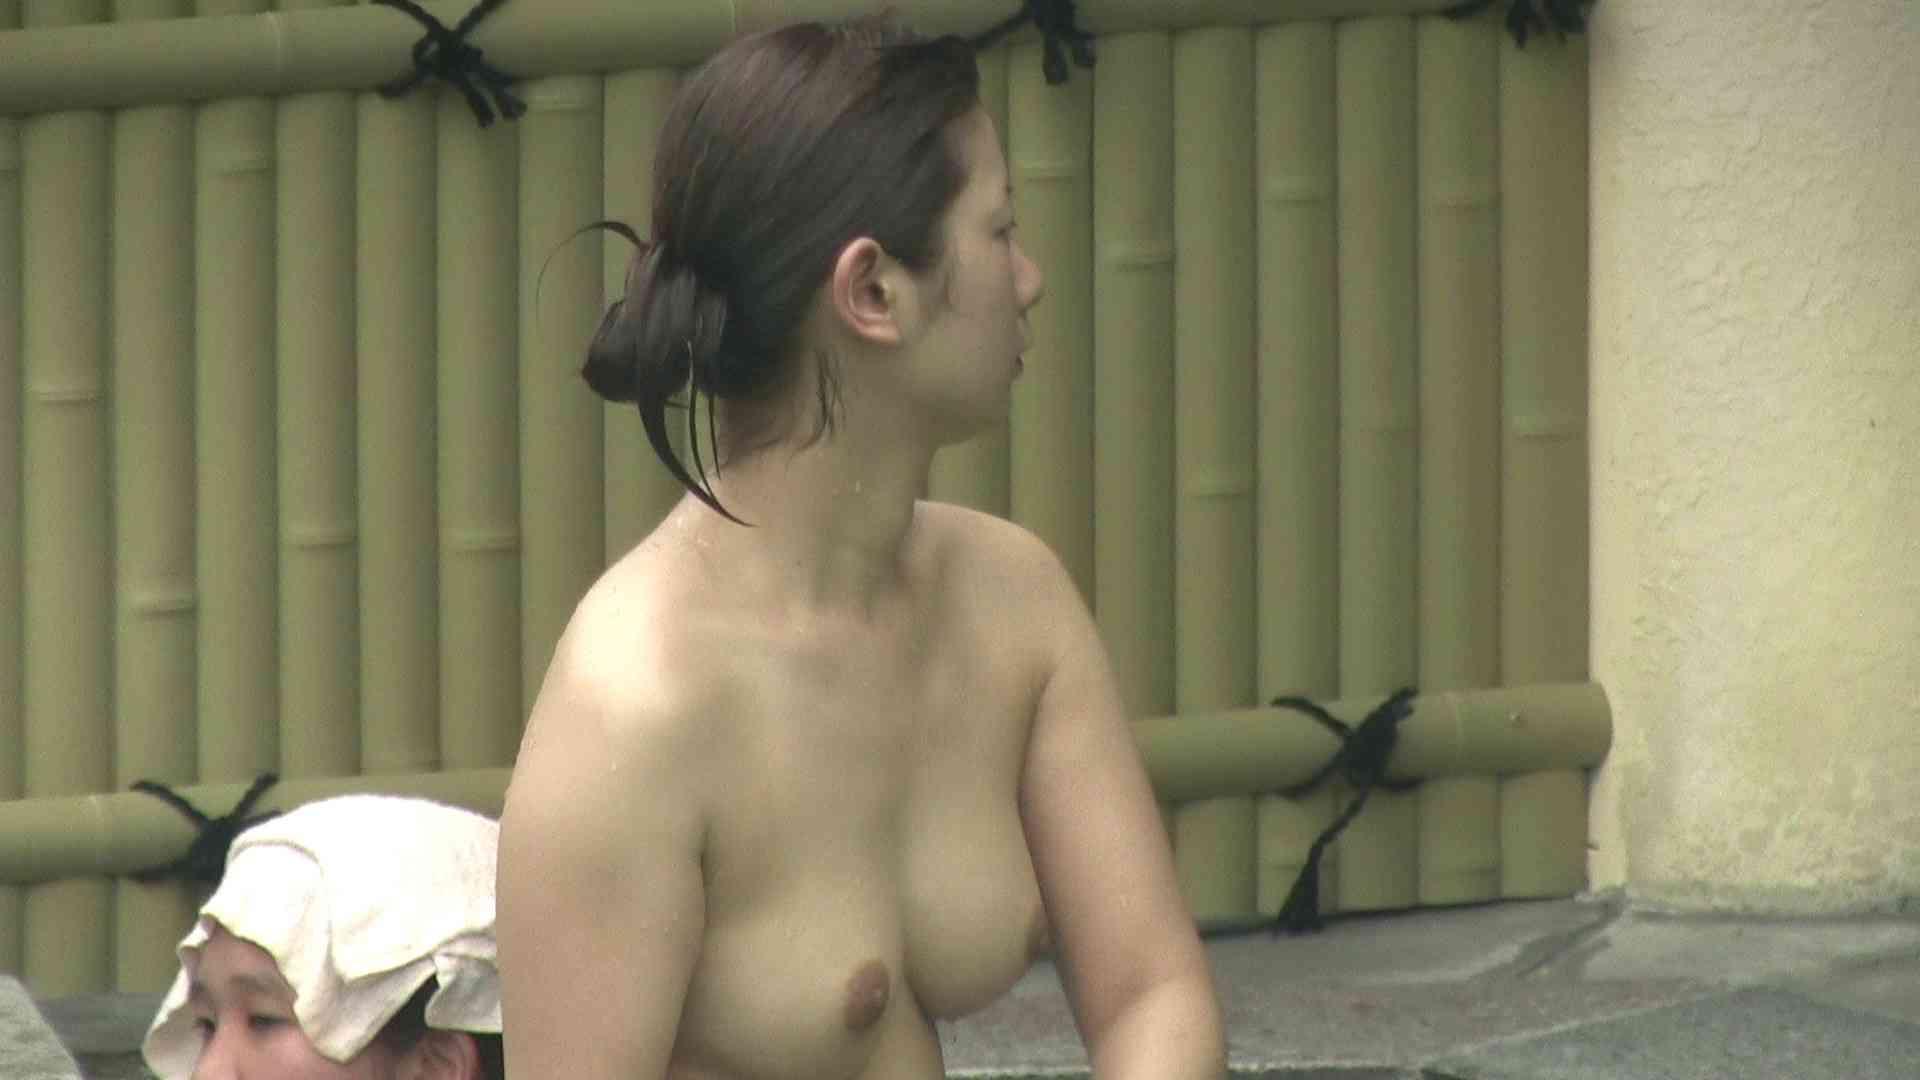 Aquaな露天風呂Vol.19【VIP】 美しいOLの裸体  106pic 21